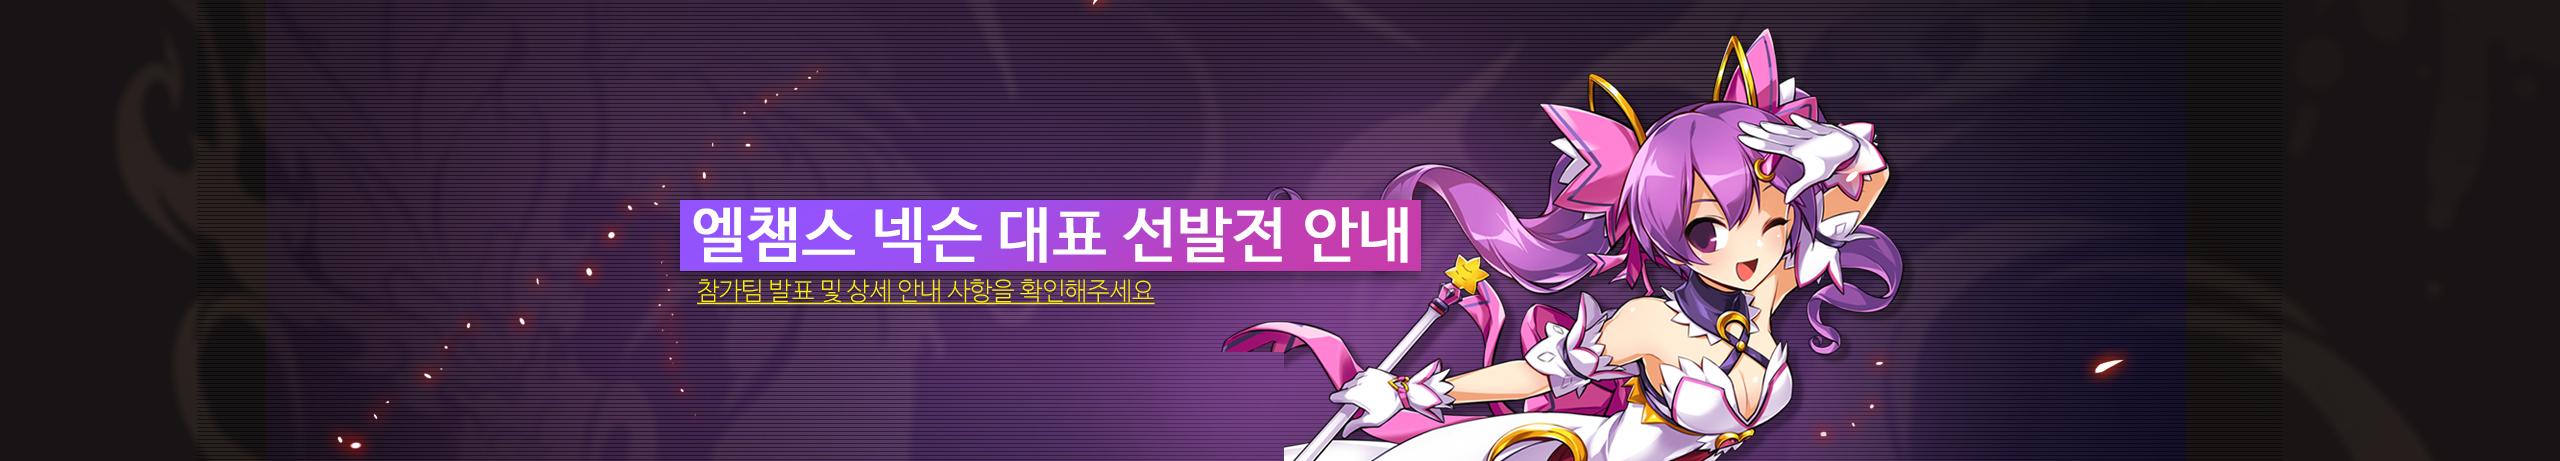 2019 엘챔스 예매 안내